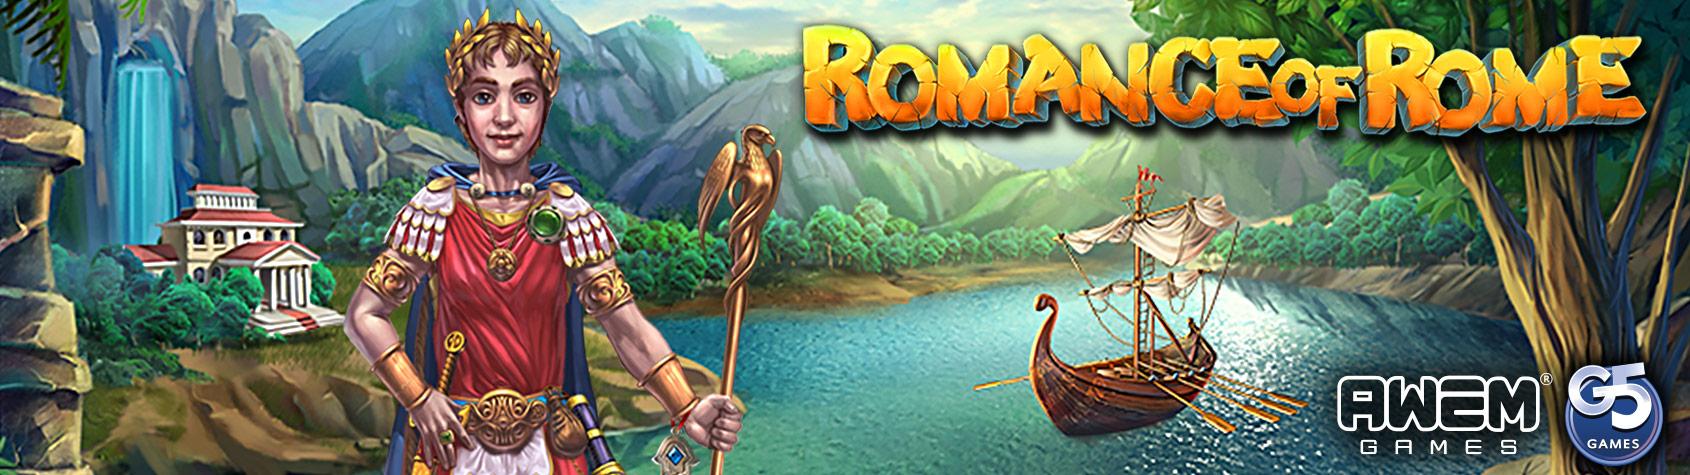 Romance of Rome HD